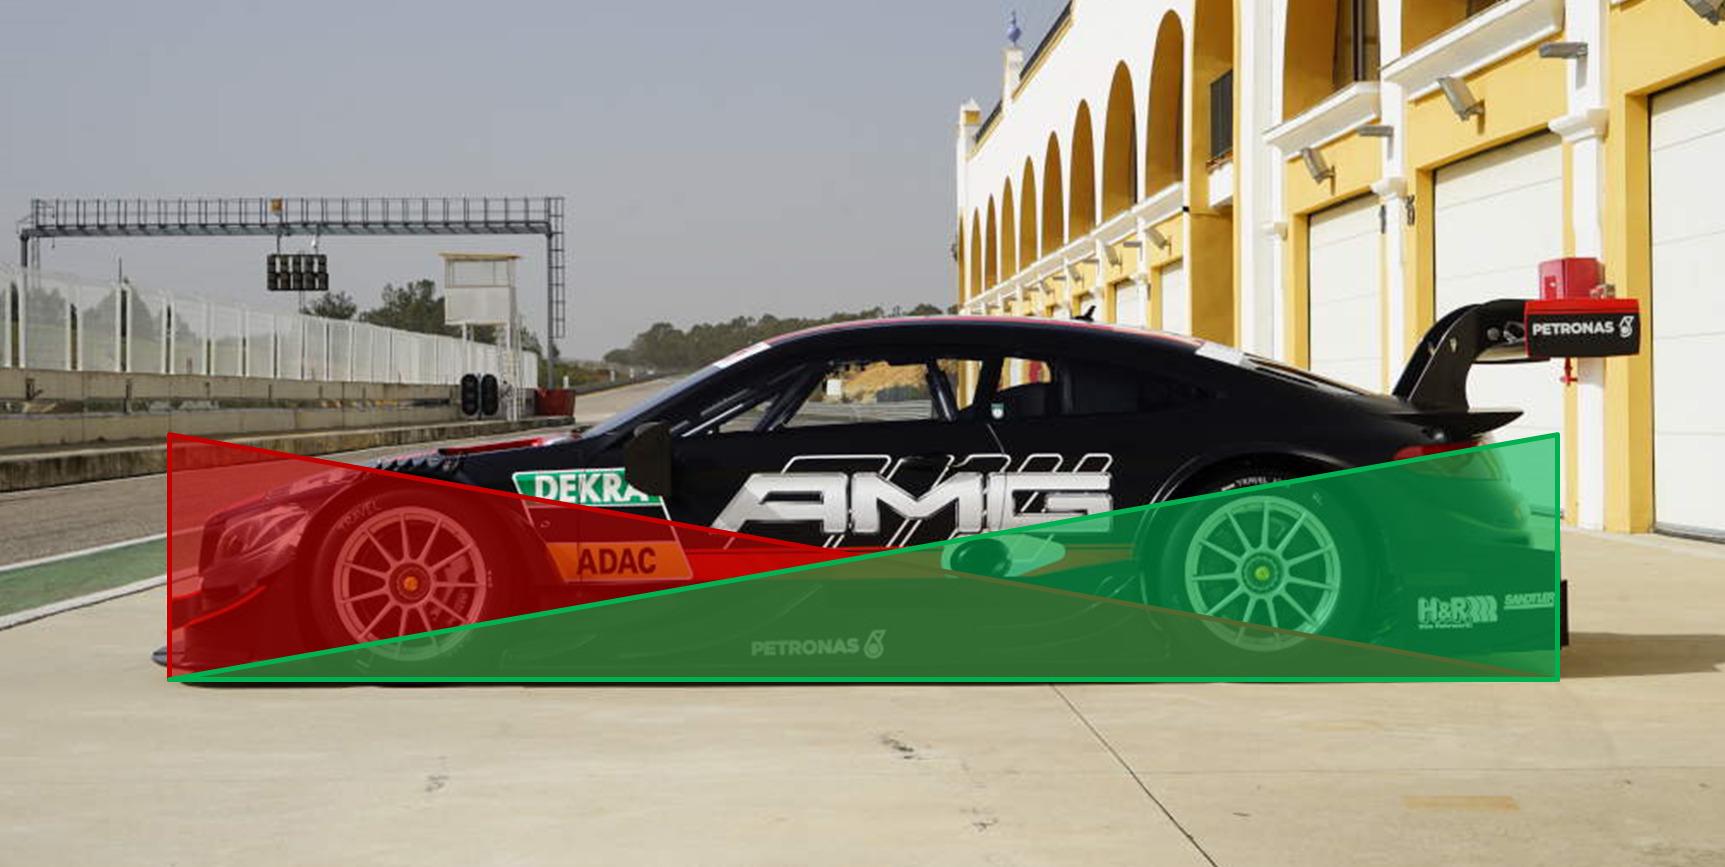 차량이 감속할 경우(빨간색) 앞으로, 가속할 경우(초록색) 뒤로 하중이 이동한다. 사진 : Mercedes AMG DTM 홈페이지